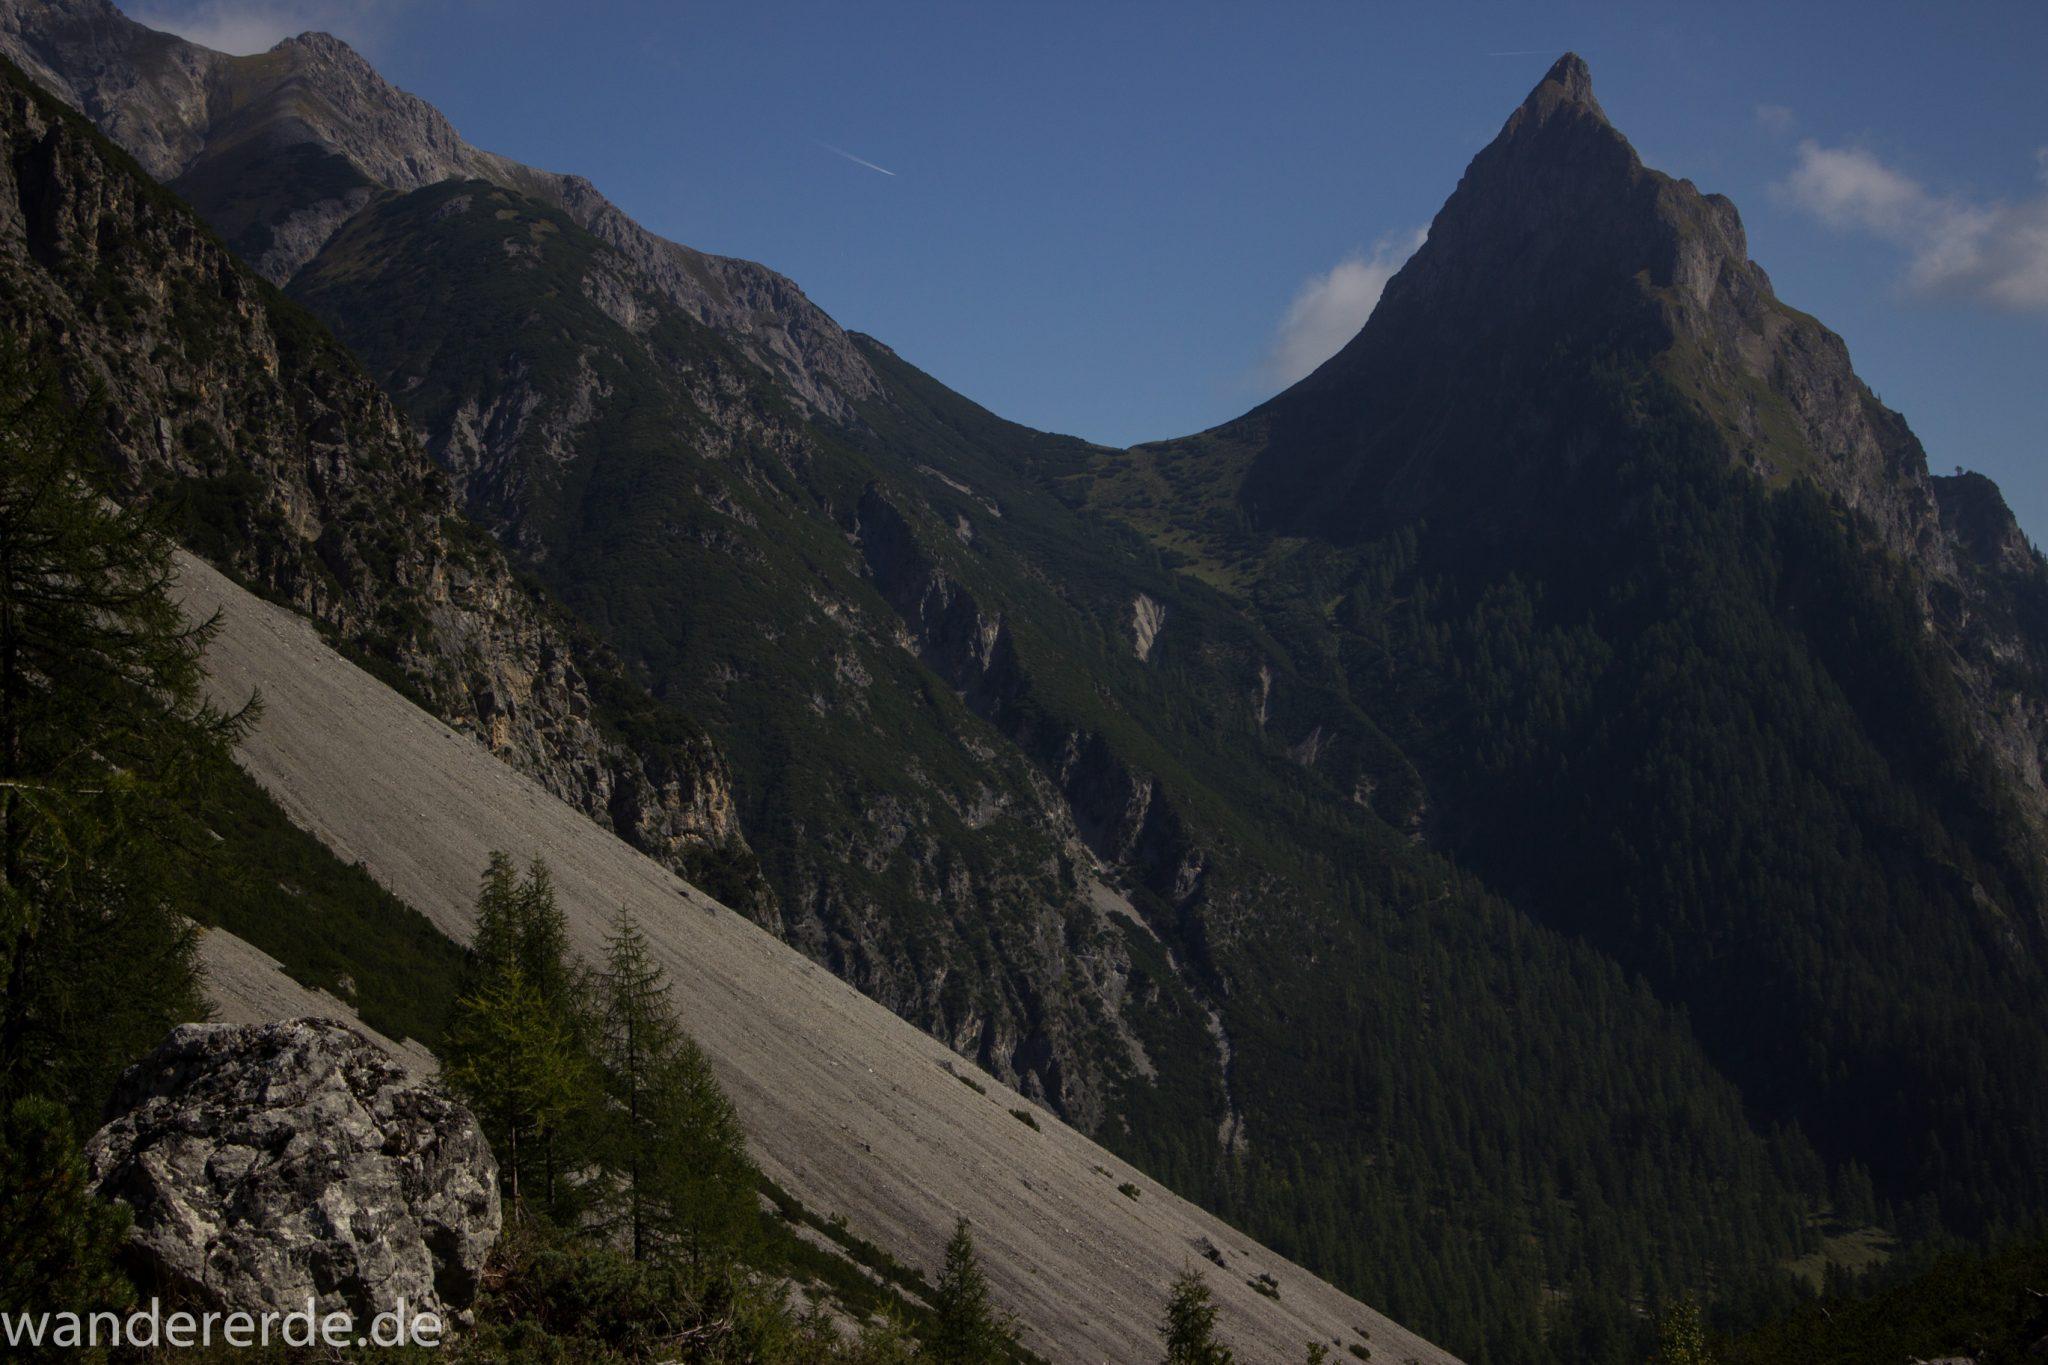 Alpenüberquerung Fernwanderweg E5 Oberstdorf Meran, 3. Etappe von Memminger Hütte zur Skihütte Zams, nach Erreichen der Seescharte folgt ein sehr langer Abstieg auf schmalem Wanderpfad Richtung Zams, Aussicht im Lochbachtal, Aussicht auf äußerst beeindruckenden Berggipfel der Alpen, steile Berghänge mit viel Geröll oder mit dichtem Wald bewachsen